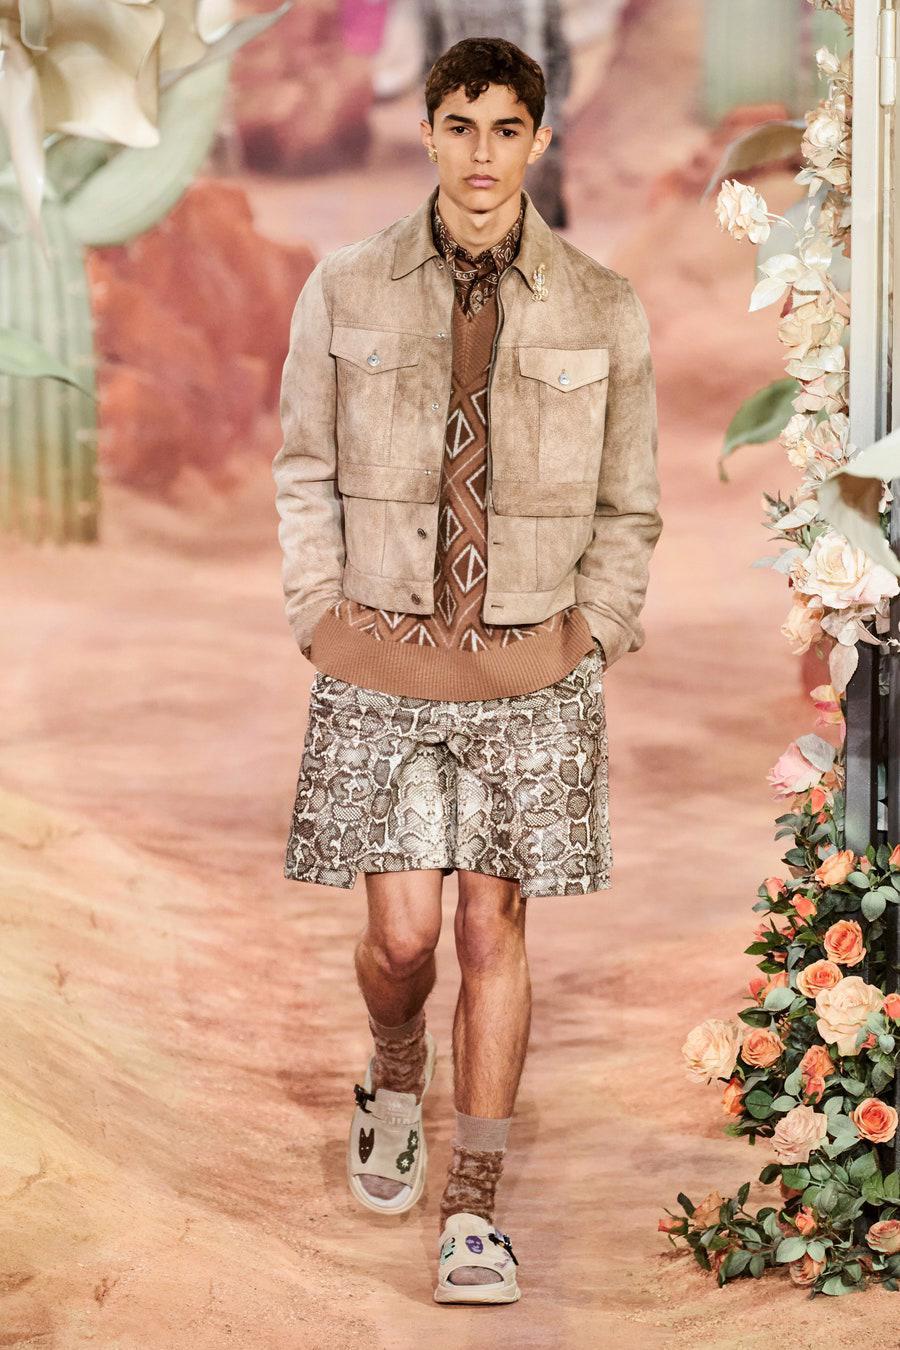 Dior Menswear Xuân Hè 2022: Những anh chàng hip hop lịch lãm - Ảnh 7